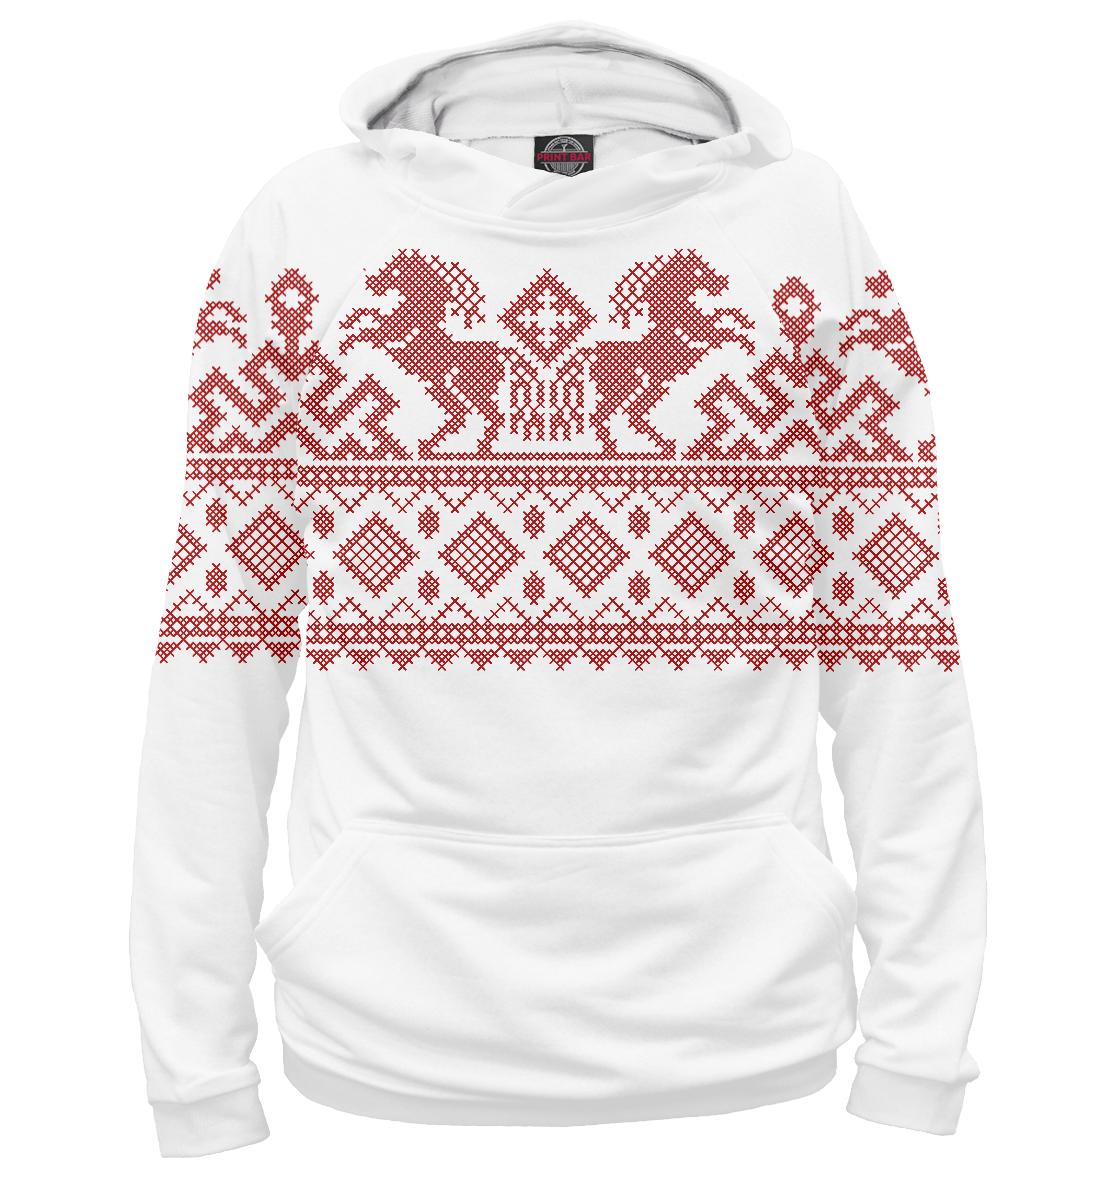 Русский народный орнамент, Printbar, Худи, ORN-821857-hud-2  - купить со скидкой